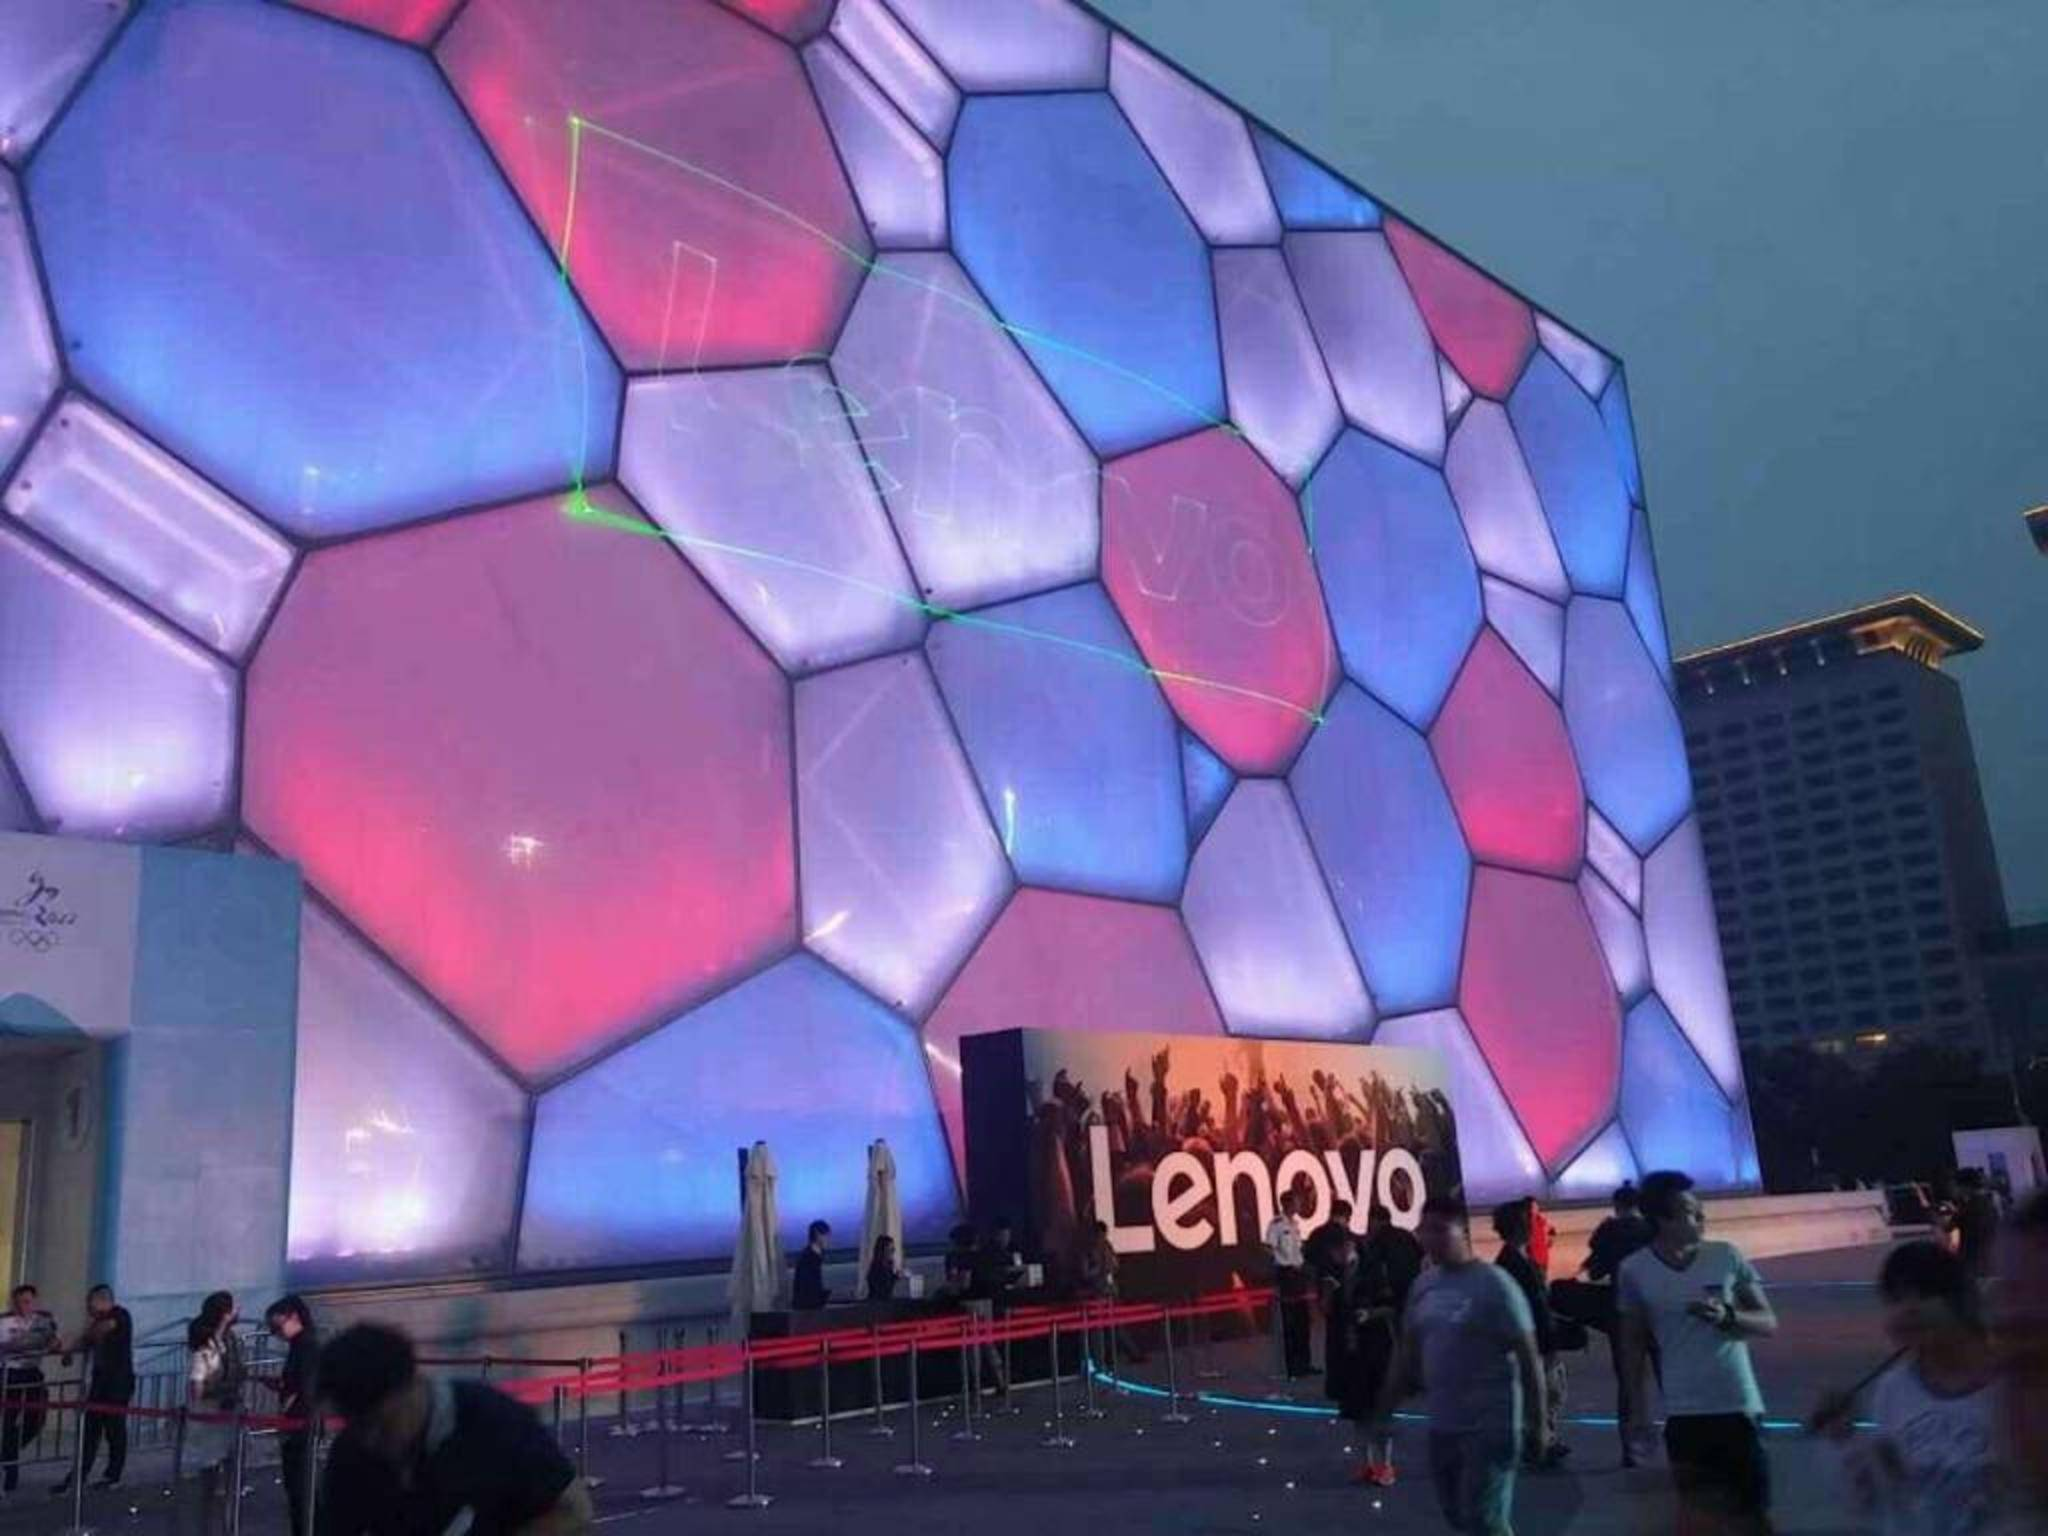 Auf der Hausmesse Tech World stellte Lenovo seine erste VR-Brille vor.